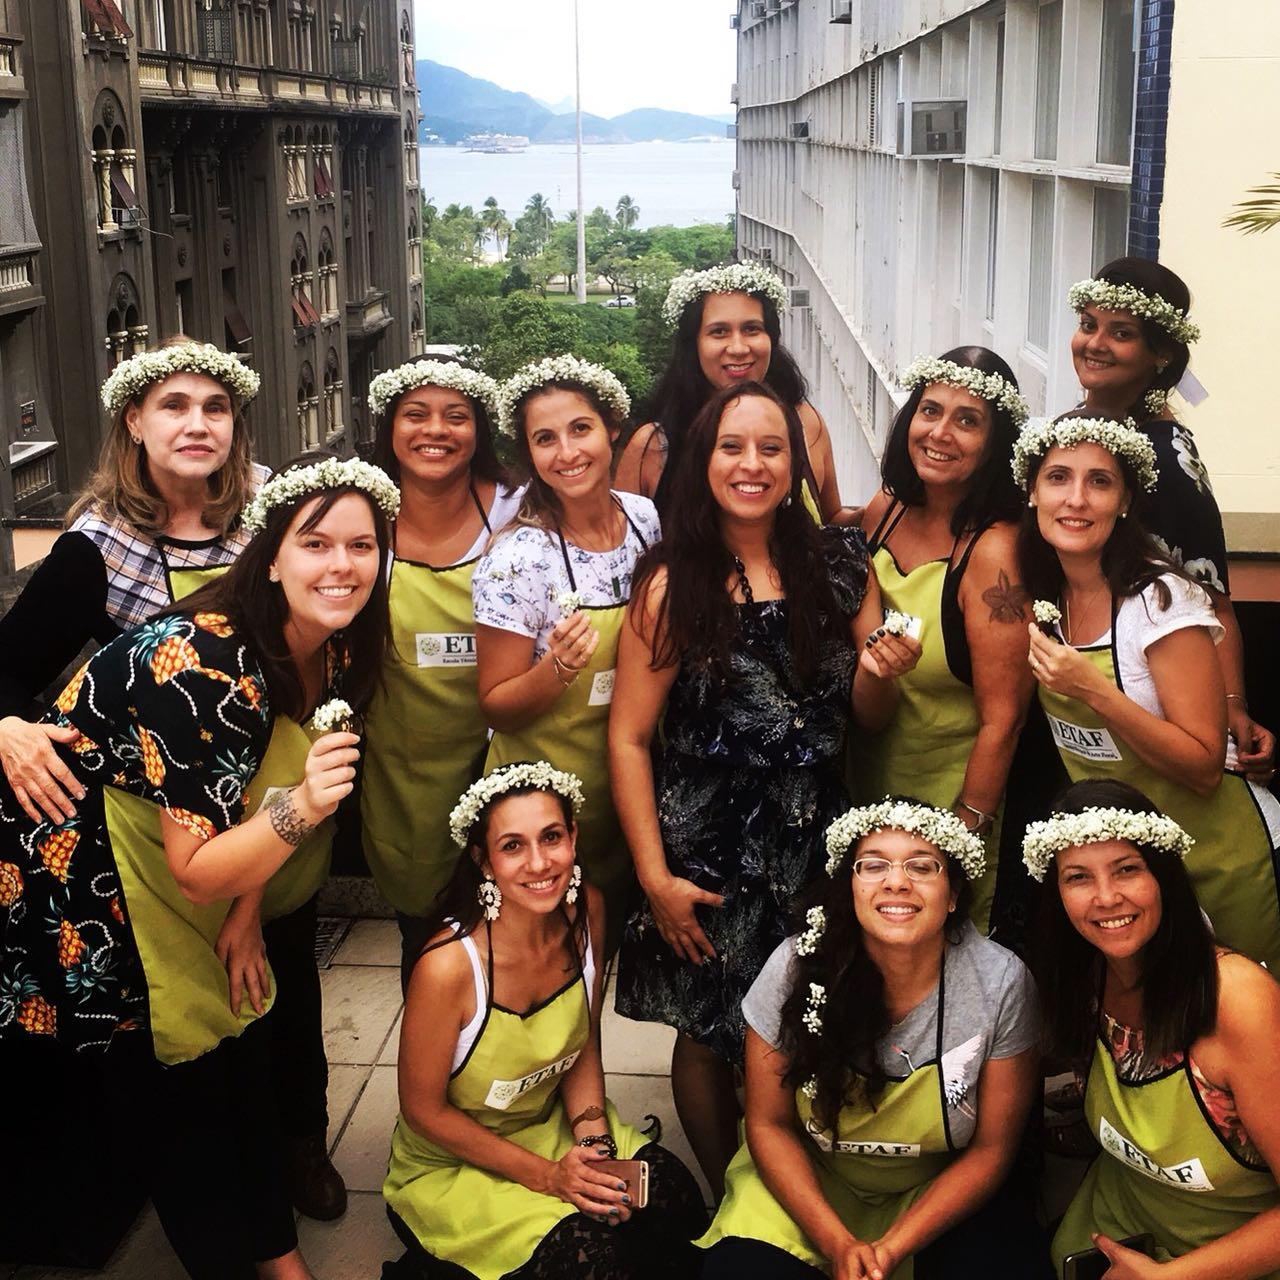 Alunas do Curso Técnico Profissionalizante em Arte Floral para Decoradores de Eventos com tiara de mosquitinhos confeccionada durante as aulas no Rio